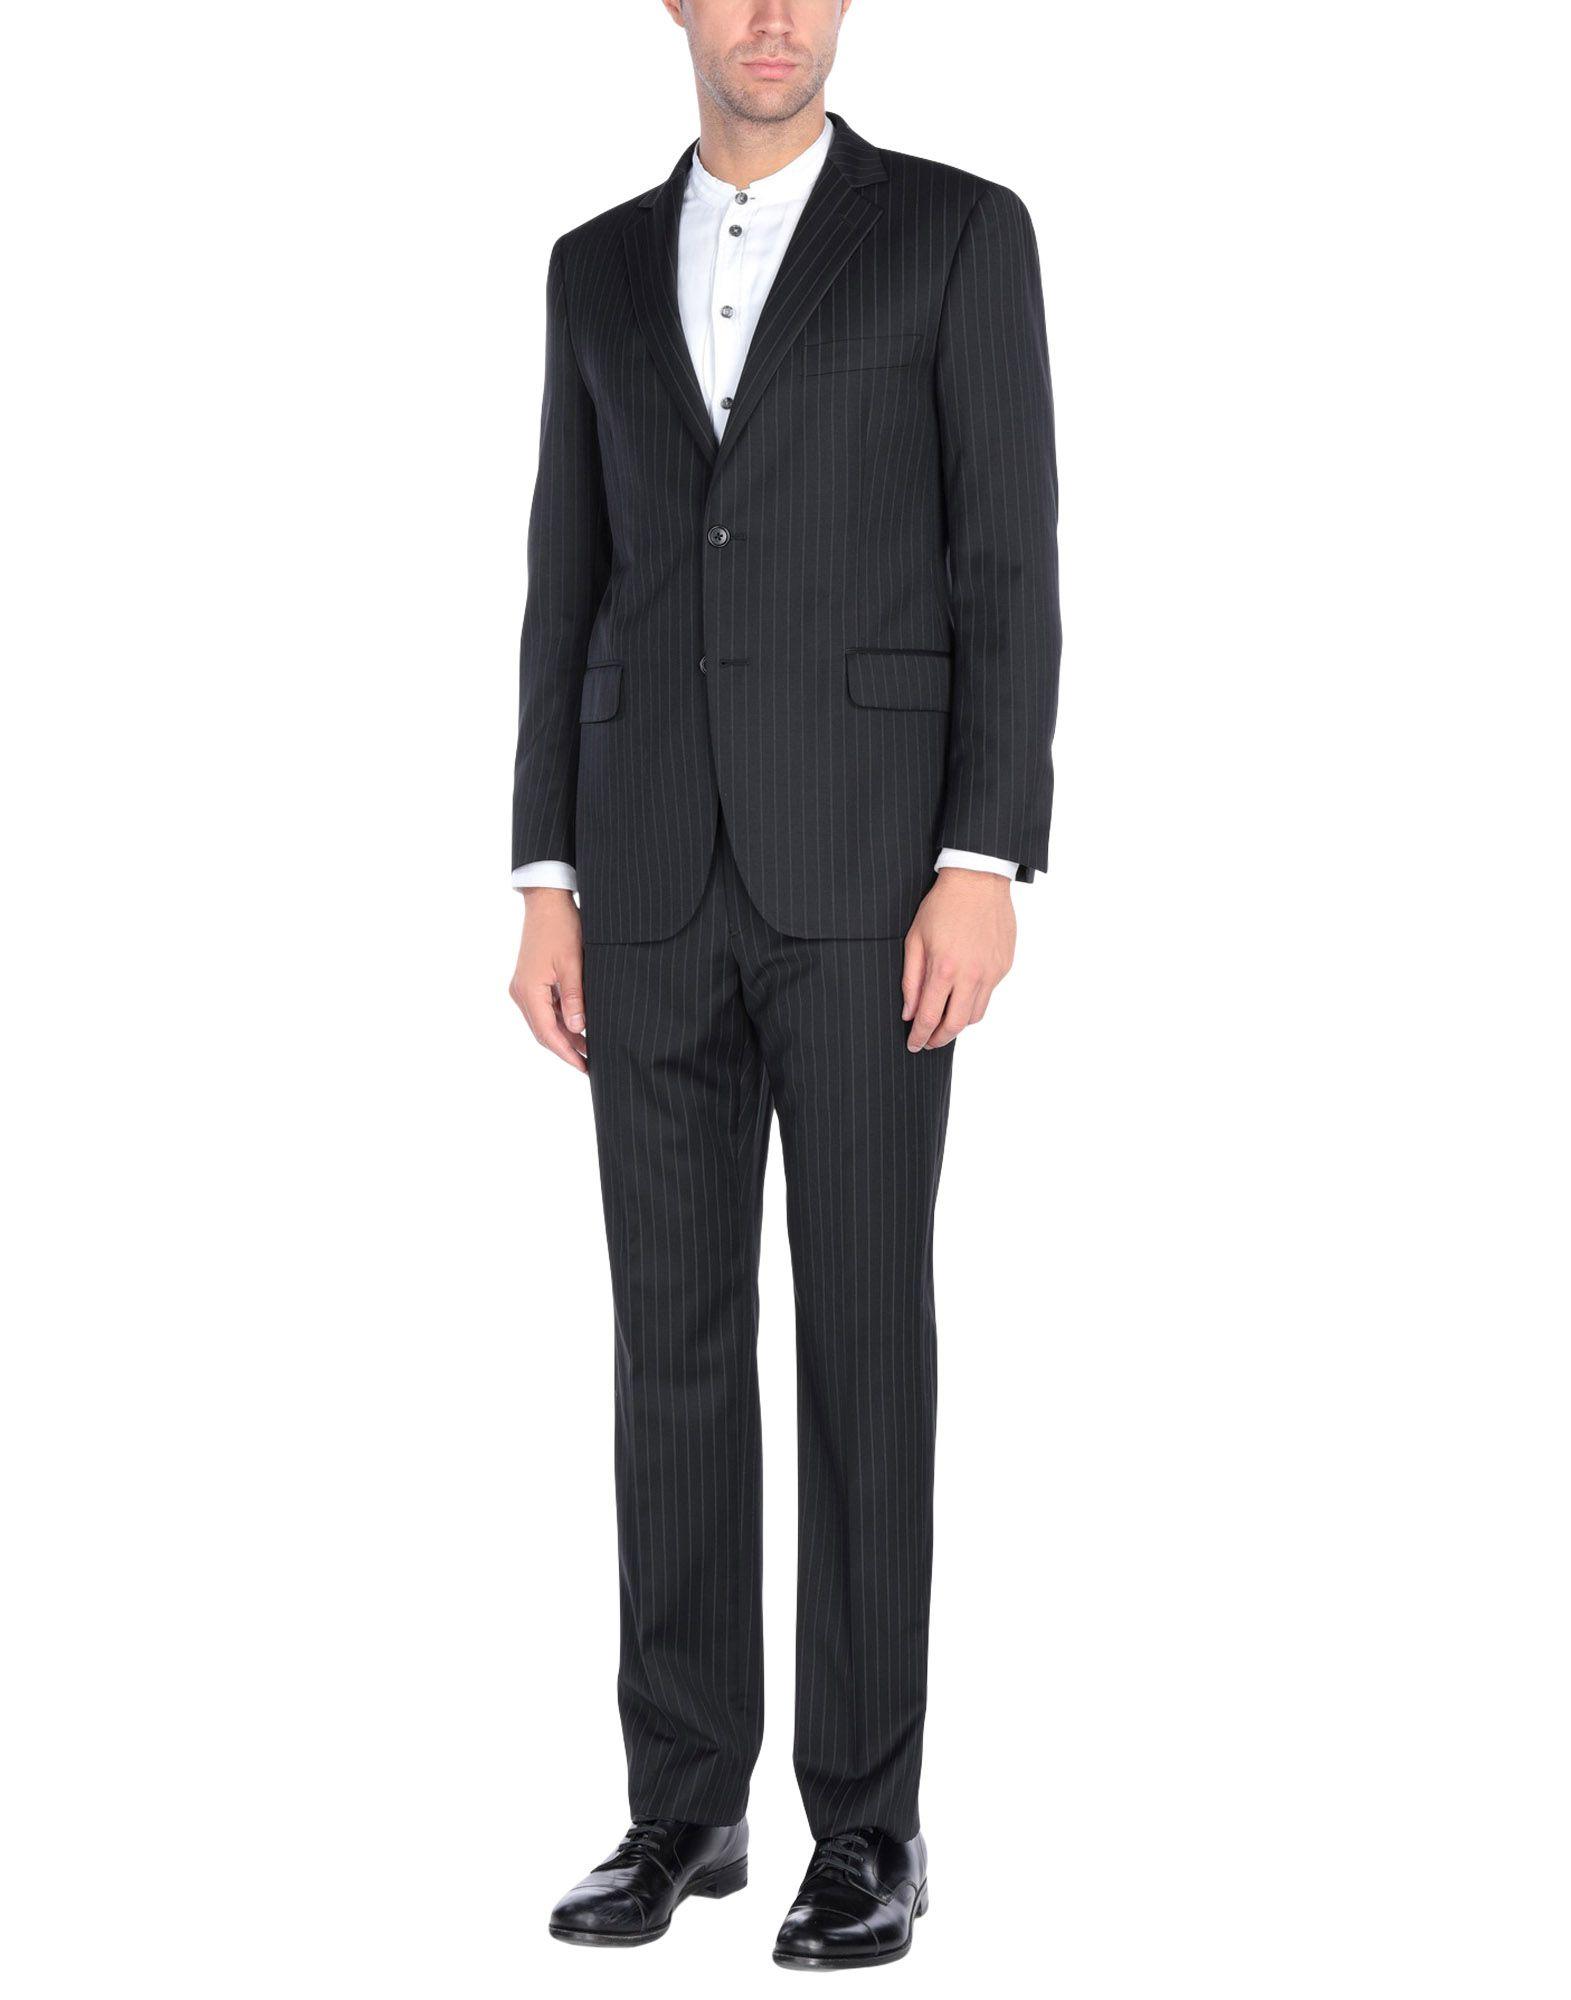 《送料無料》LARDINI メンズ スーツ ブラック 40 ウール 100%